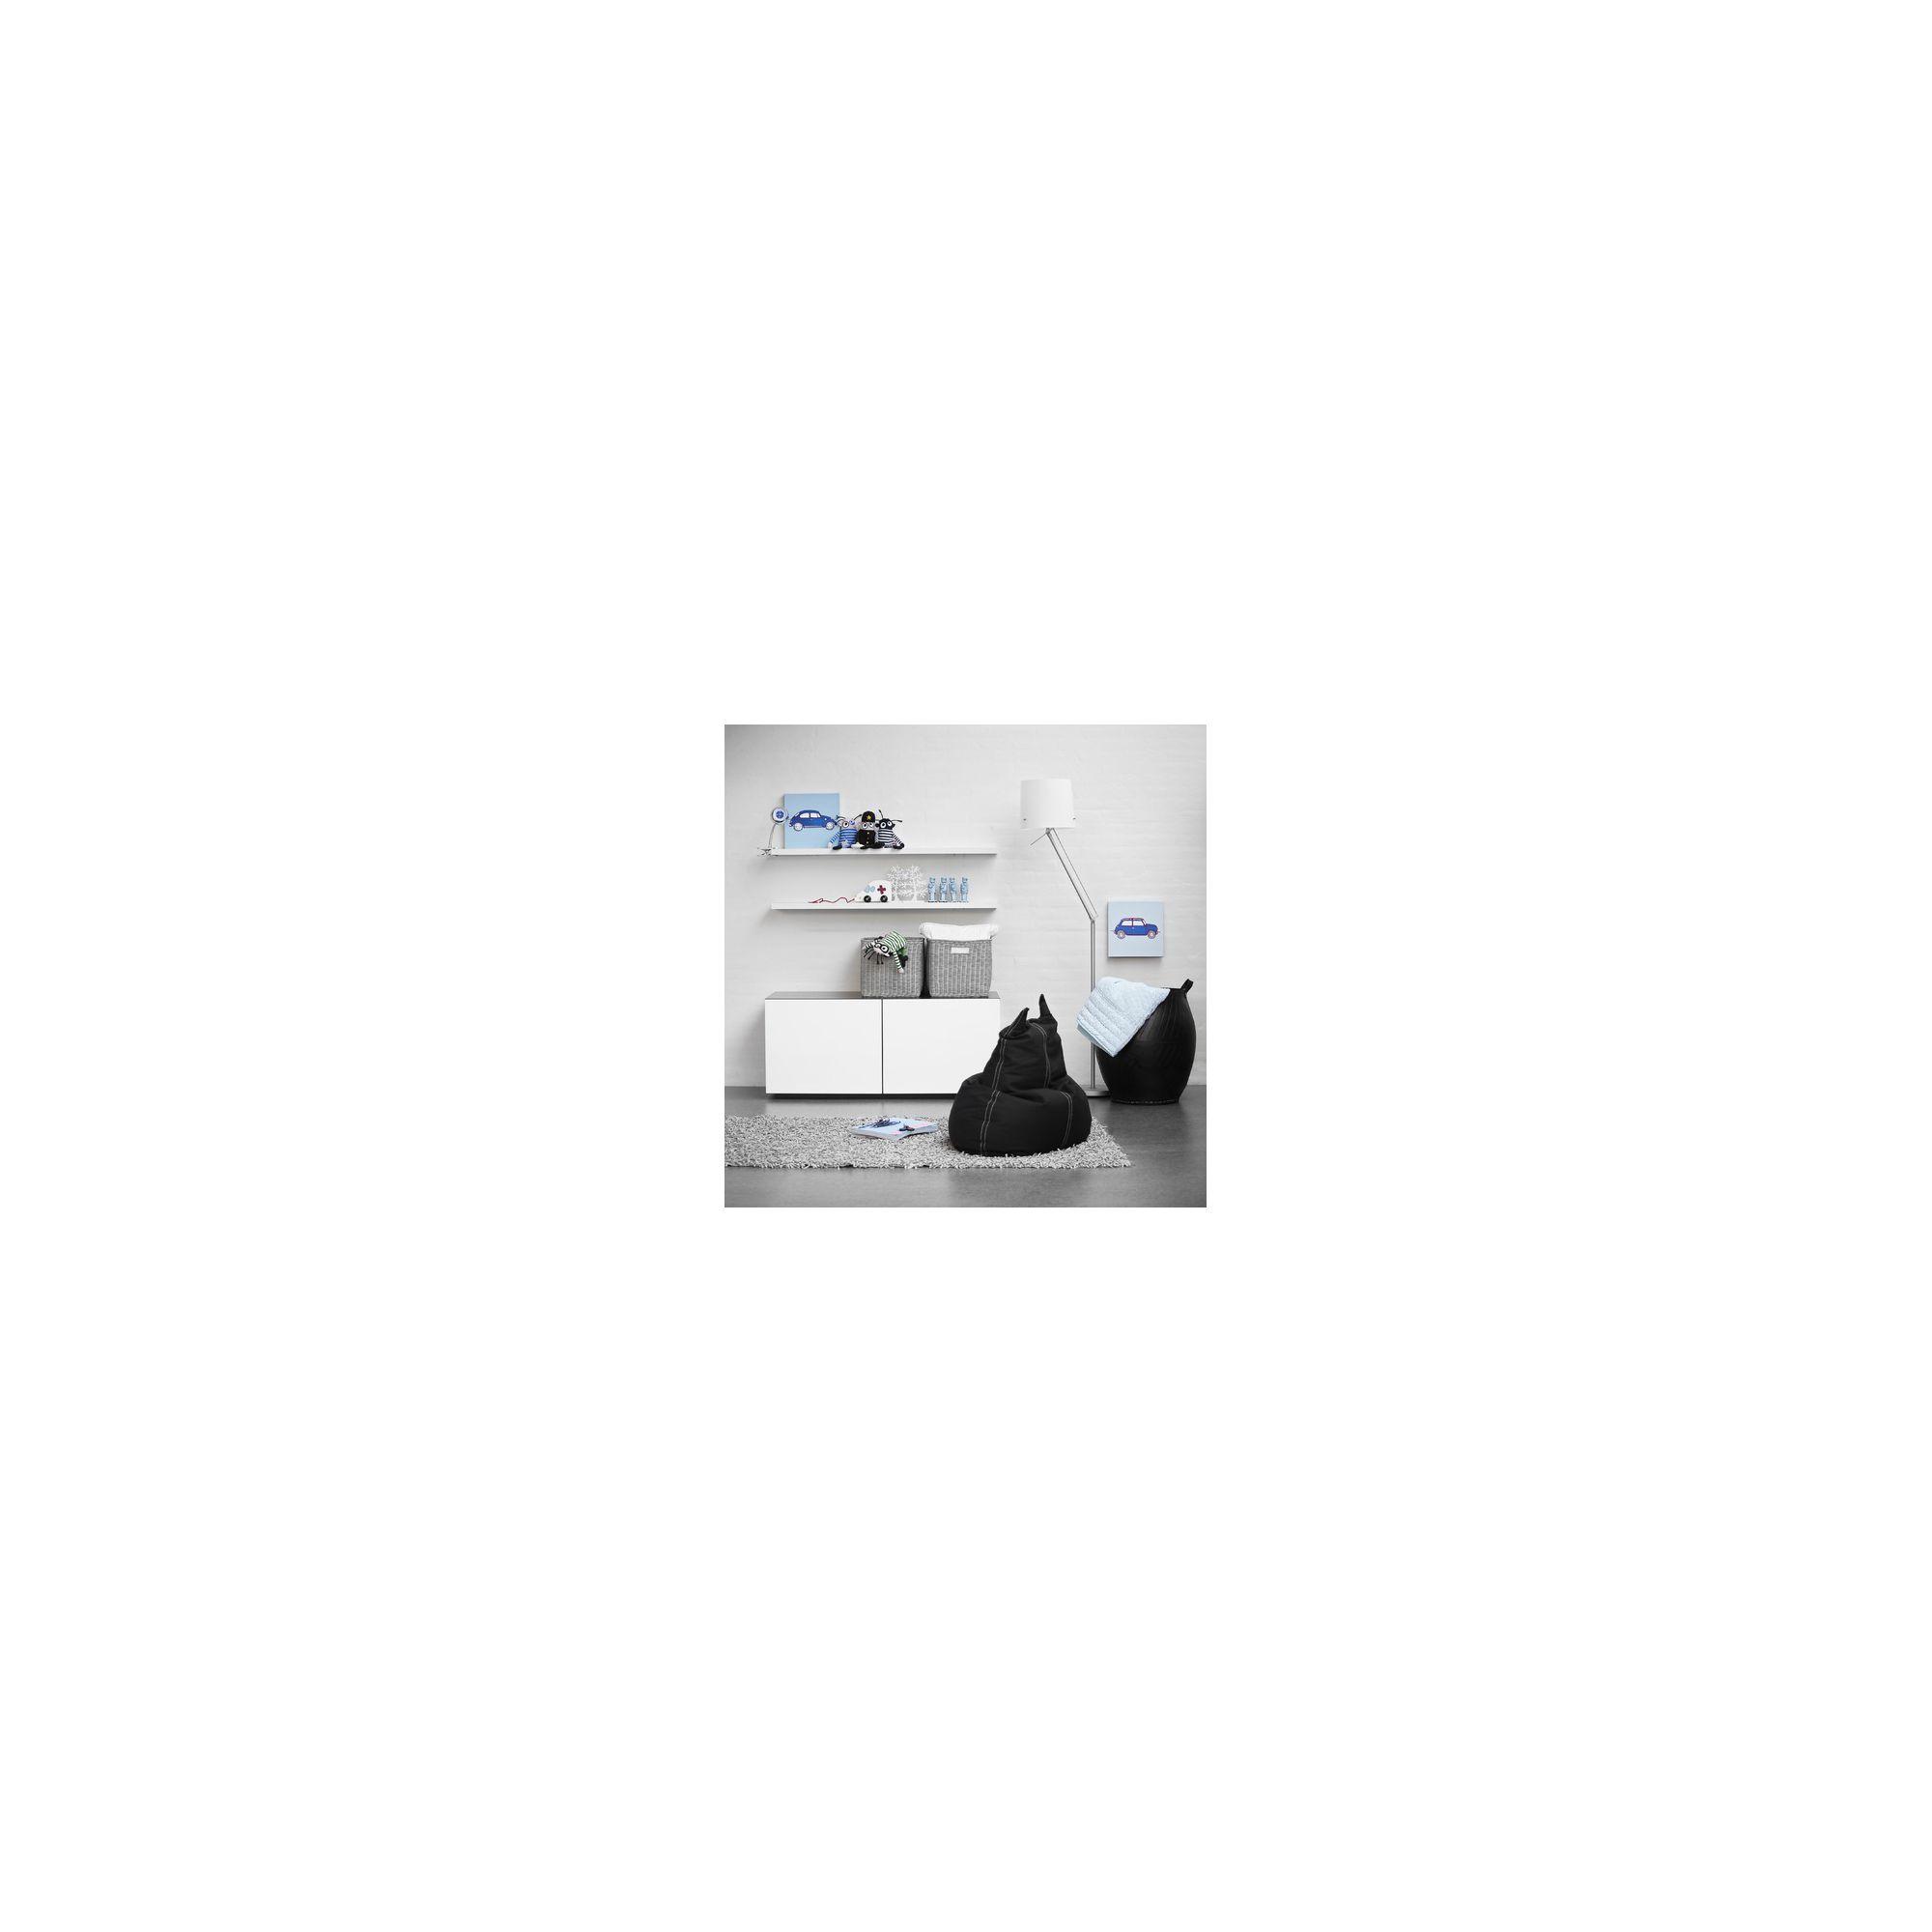 Tvilum Monaco floor standing storage cabinet - Dark Walnut at Tesco Direct